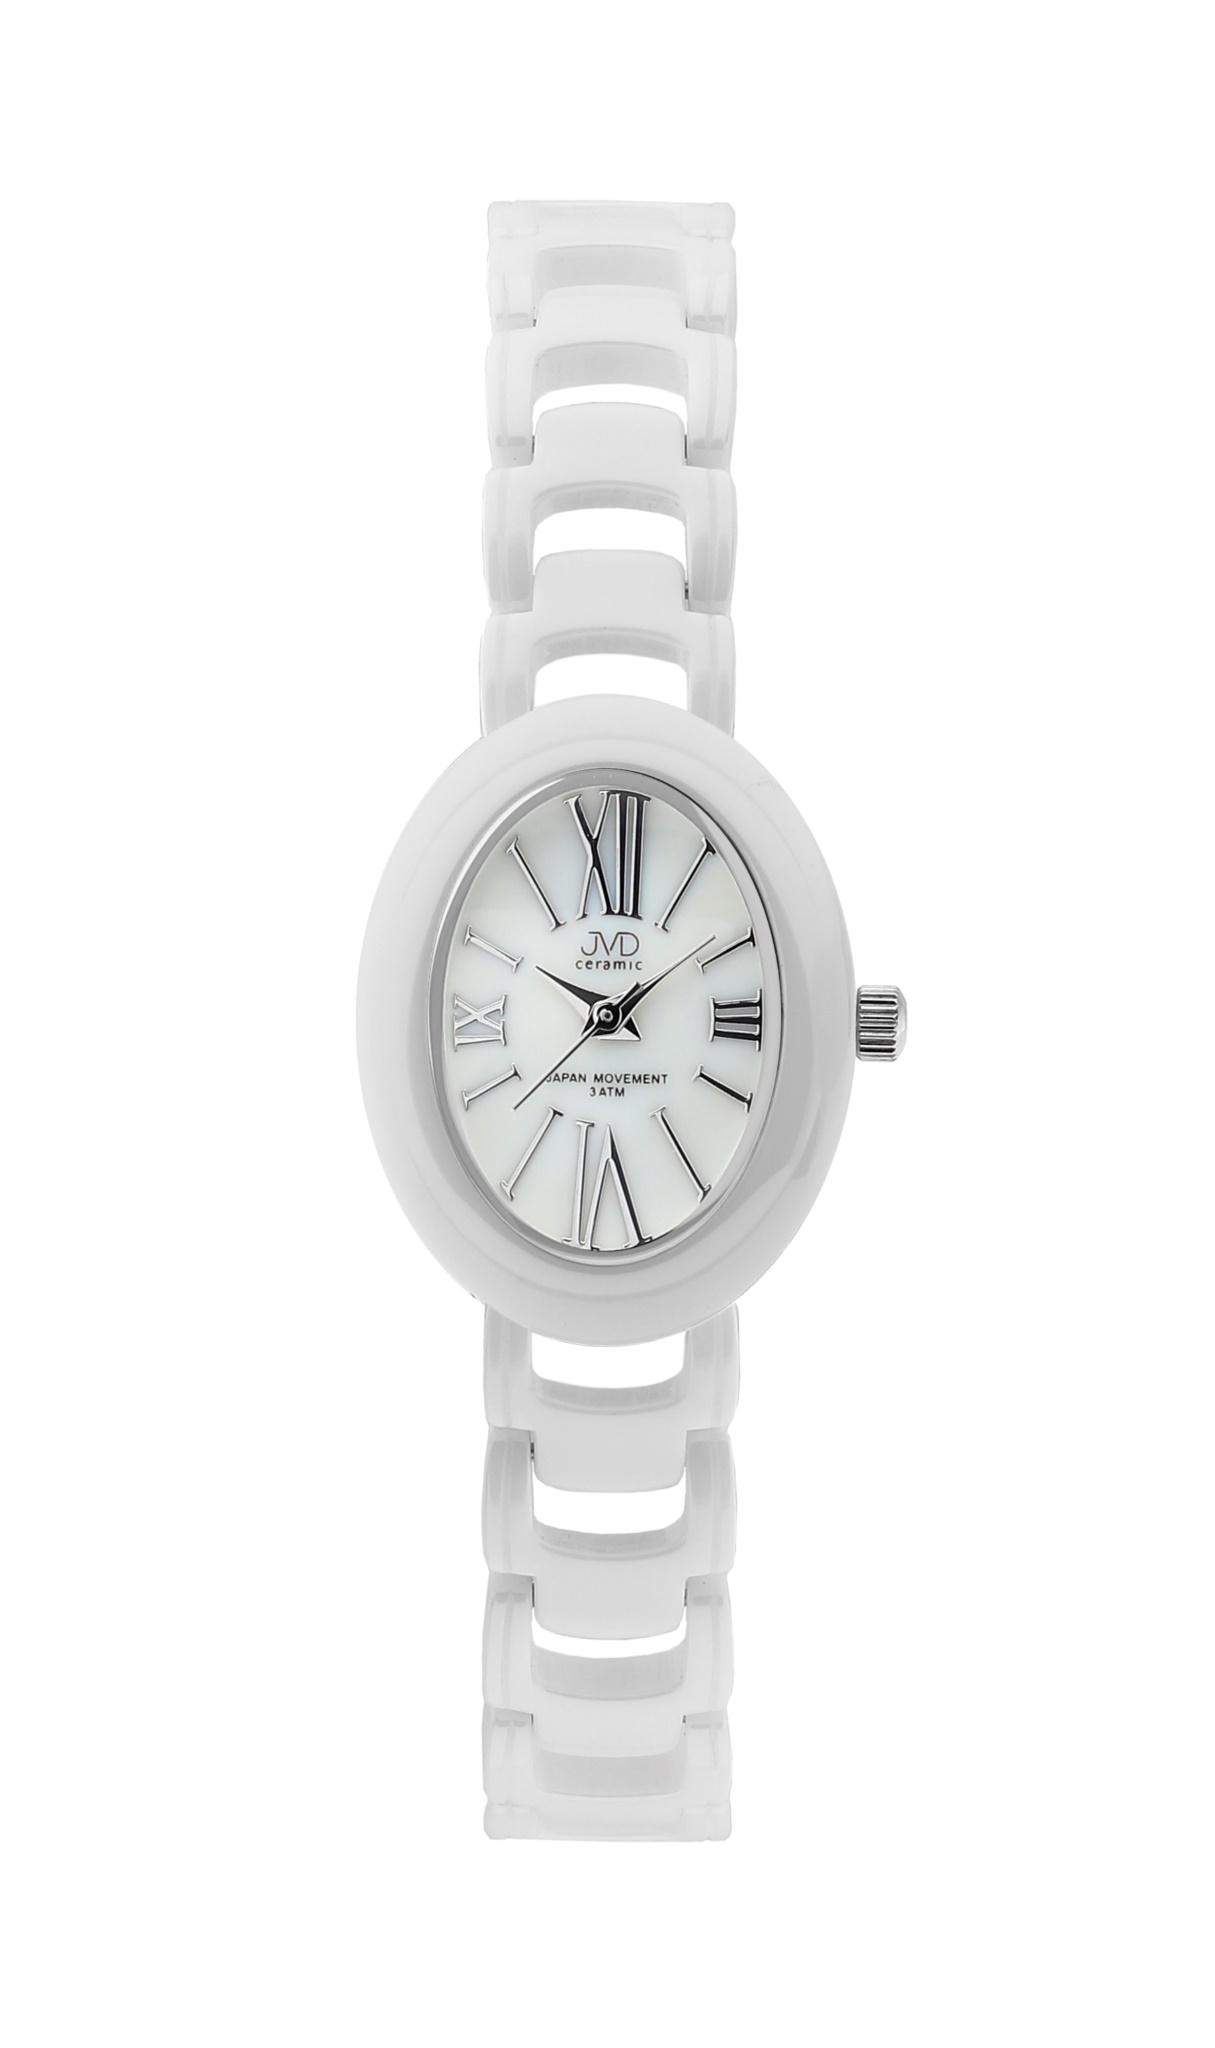 Luxusní keramické dámské náramkové bílé hodinky JVD ceramic J6010.3